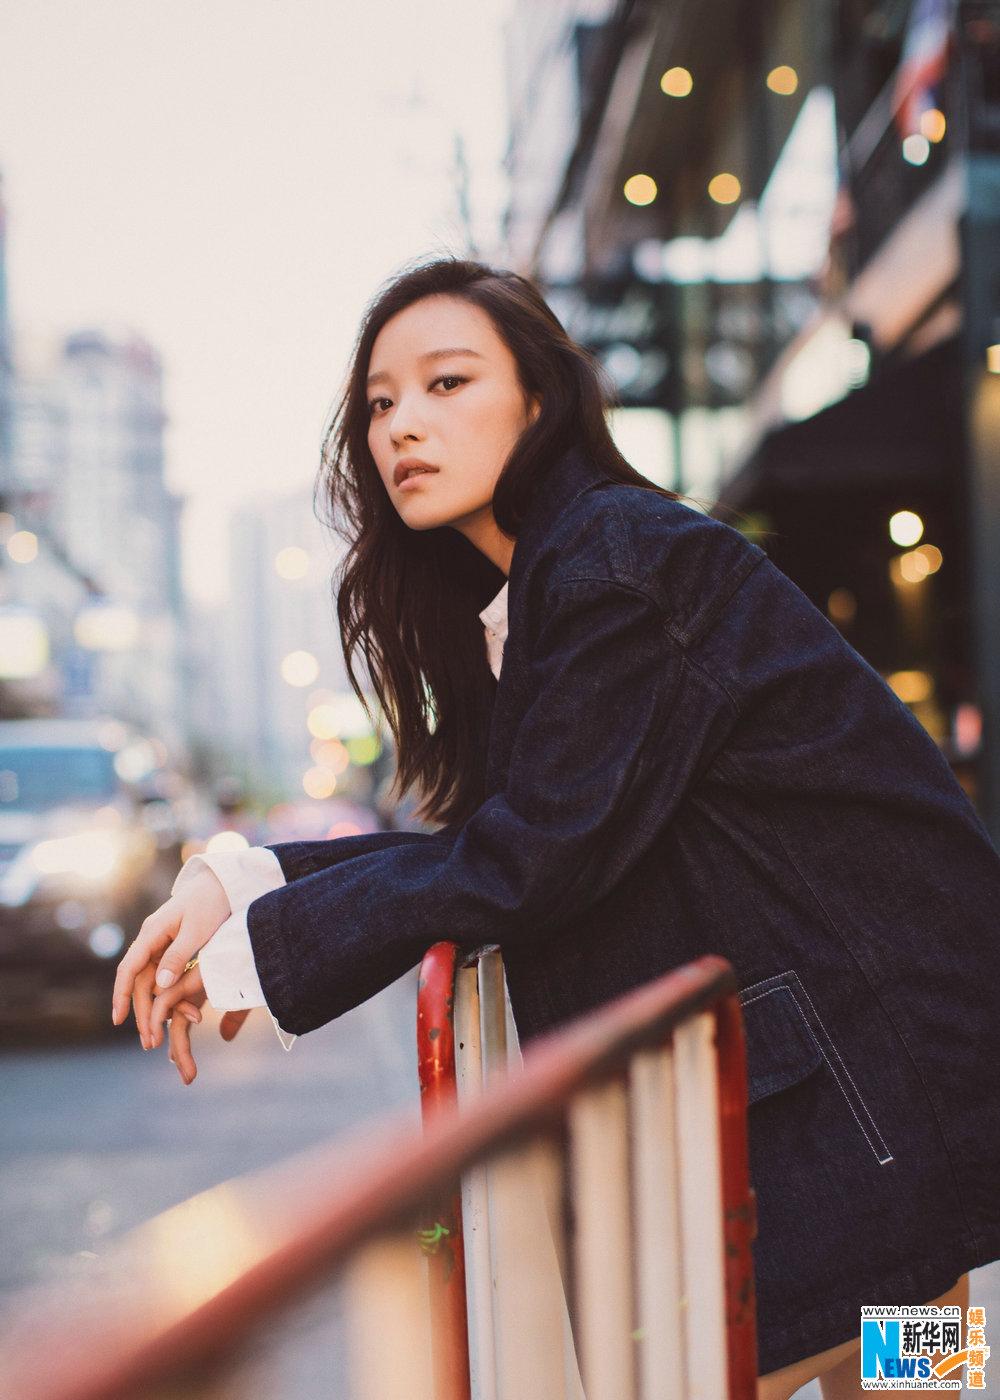 倪妮清新写真温柔 演绎牛仔衬衫经典穿搭